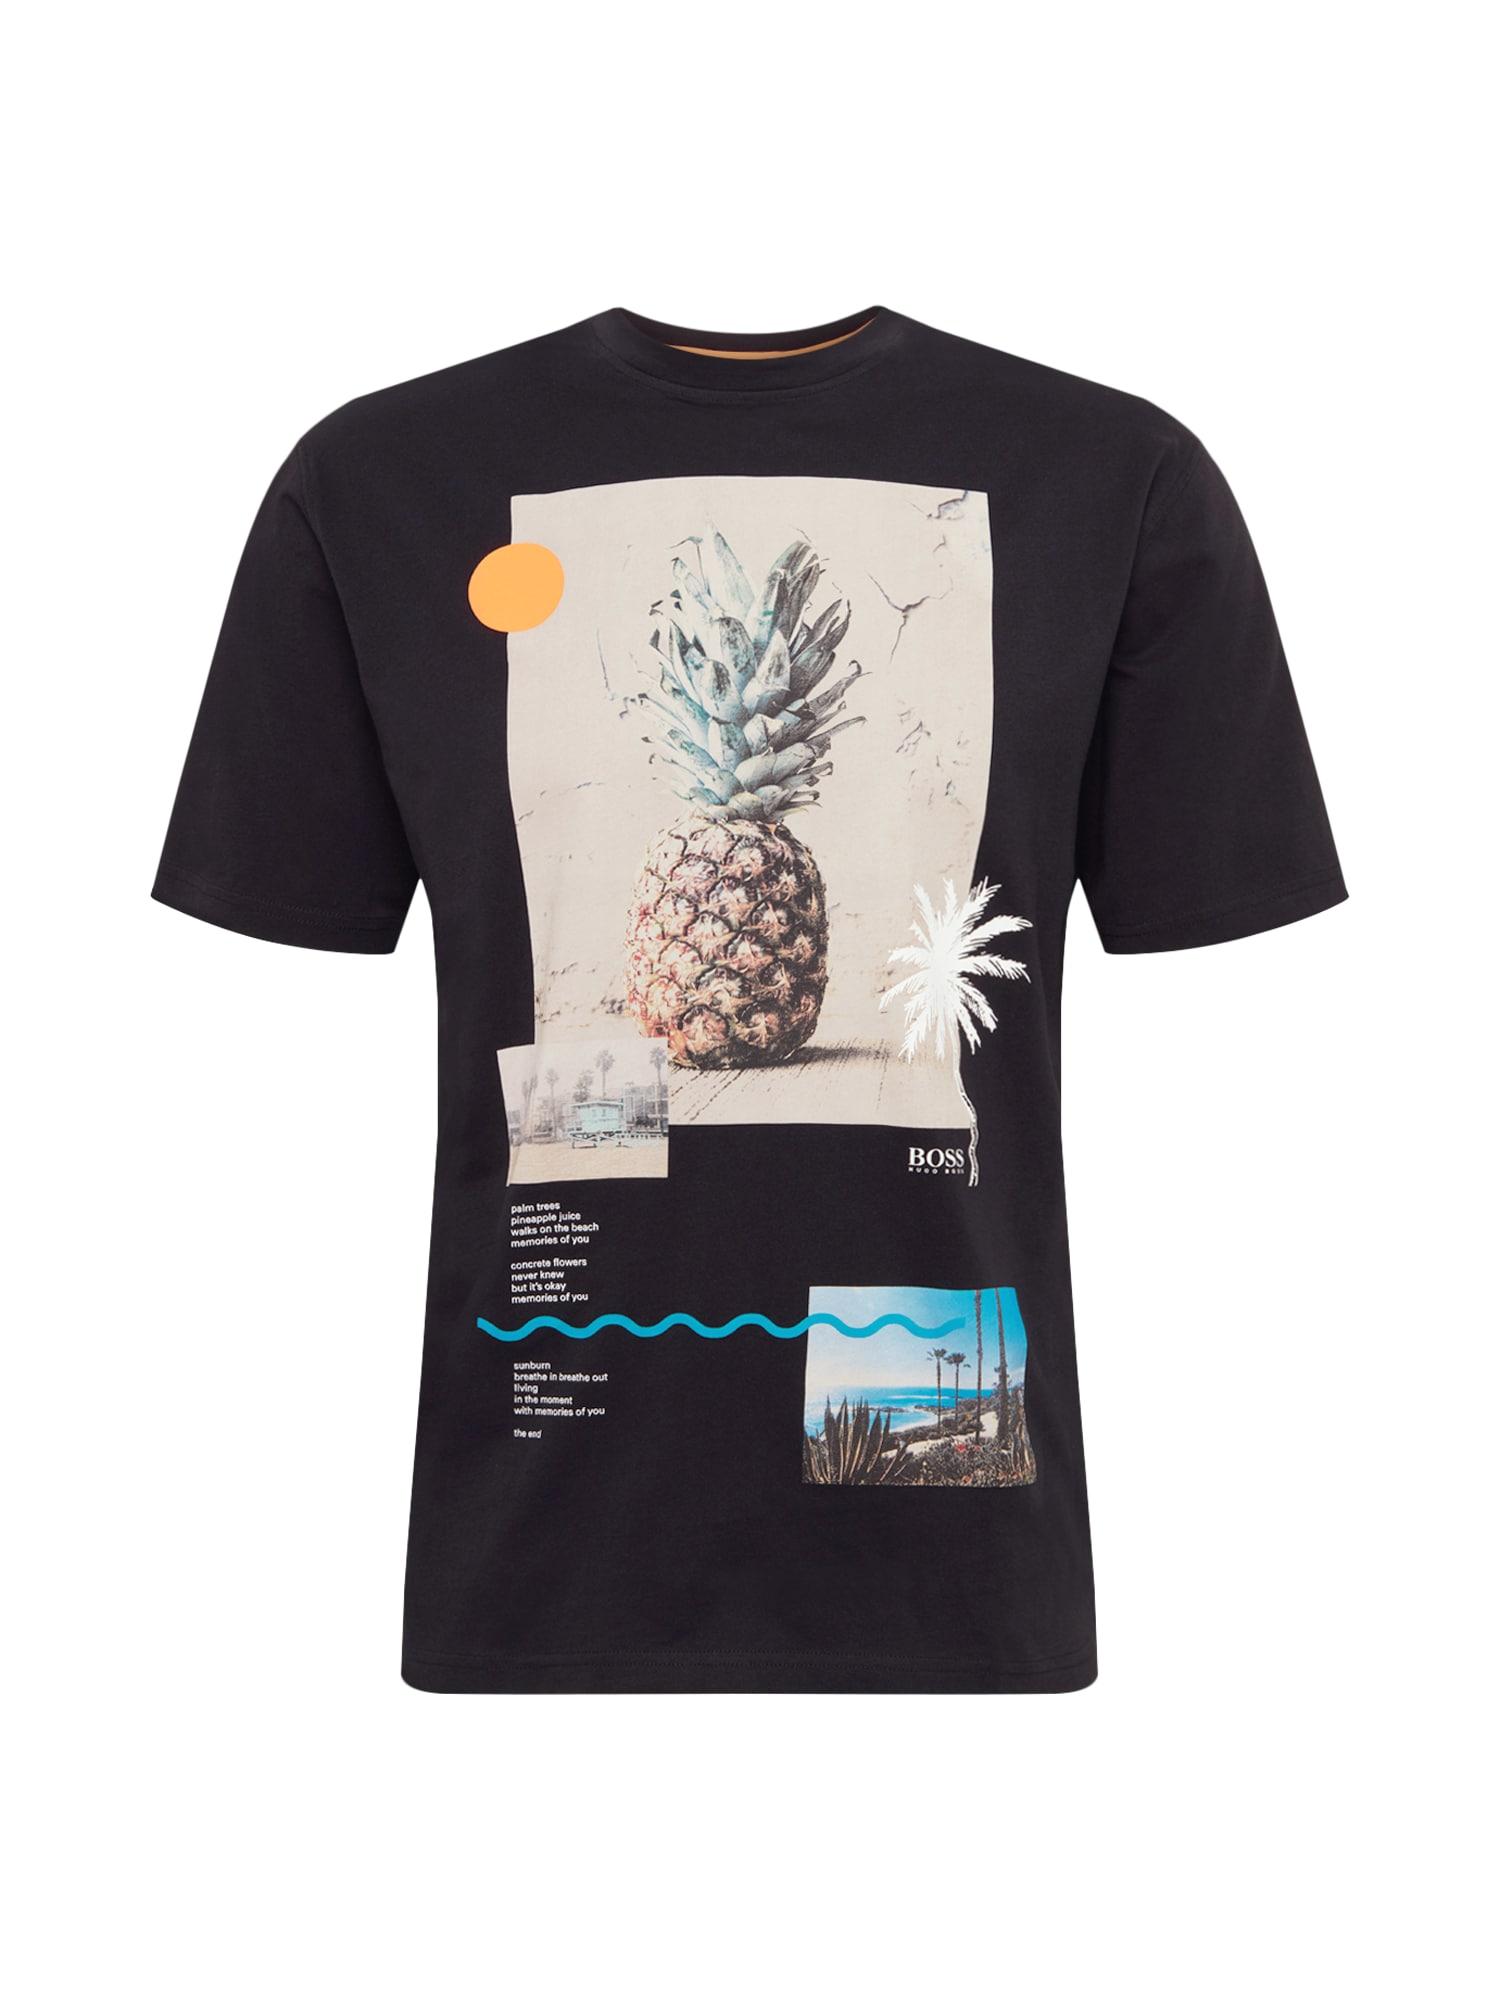 Tričko Teecher 3 10131643 01 krémová černá BOSS